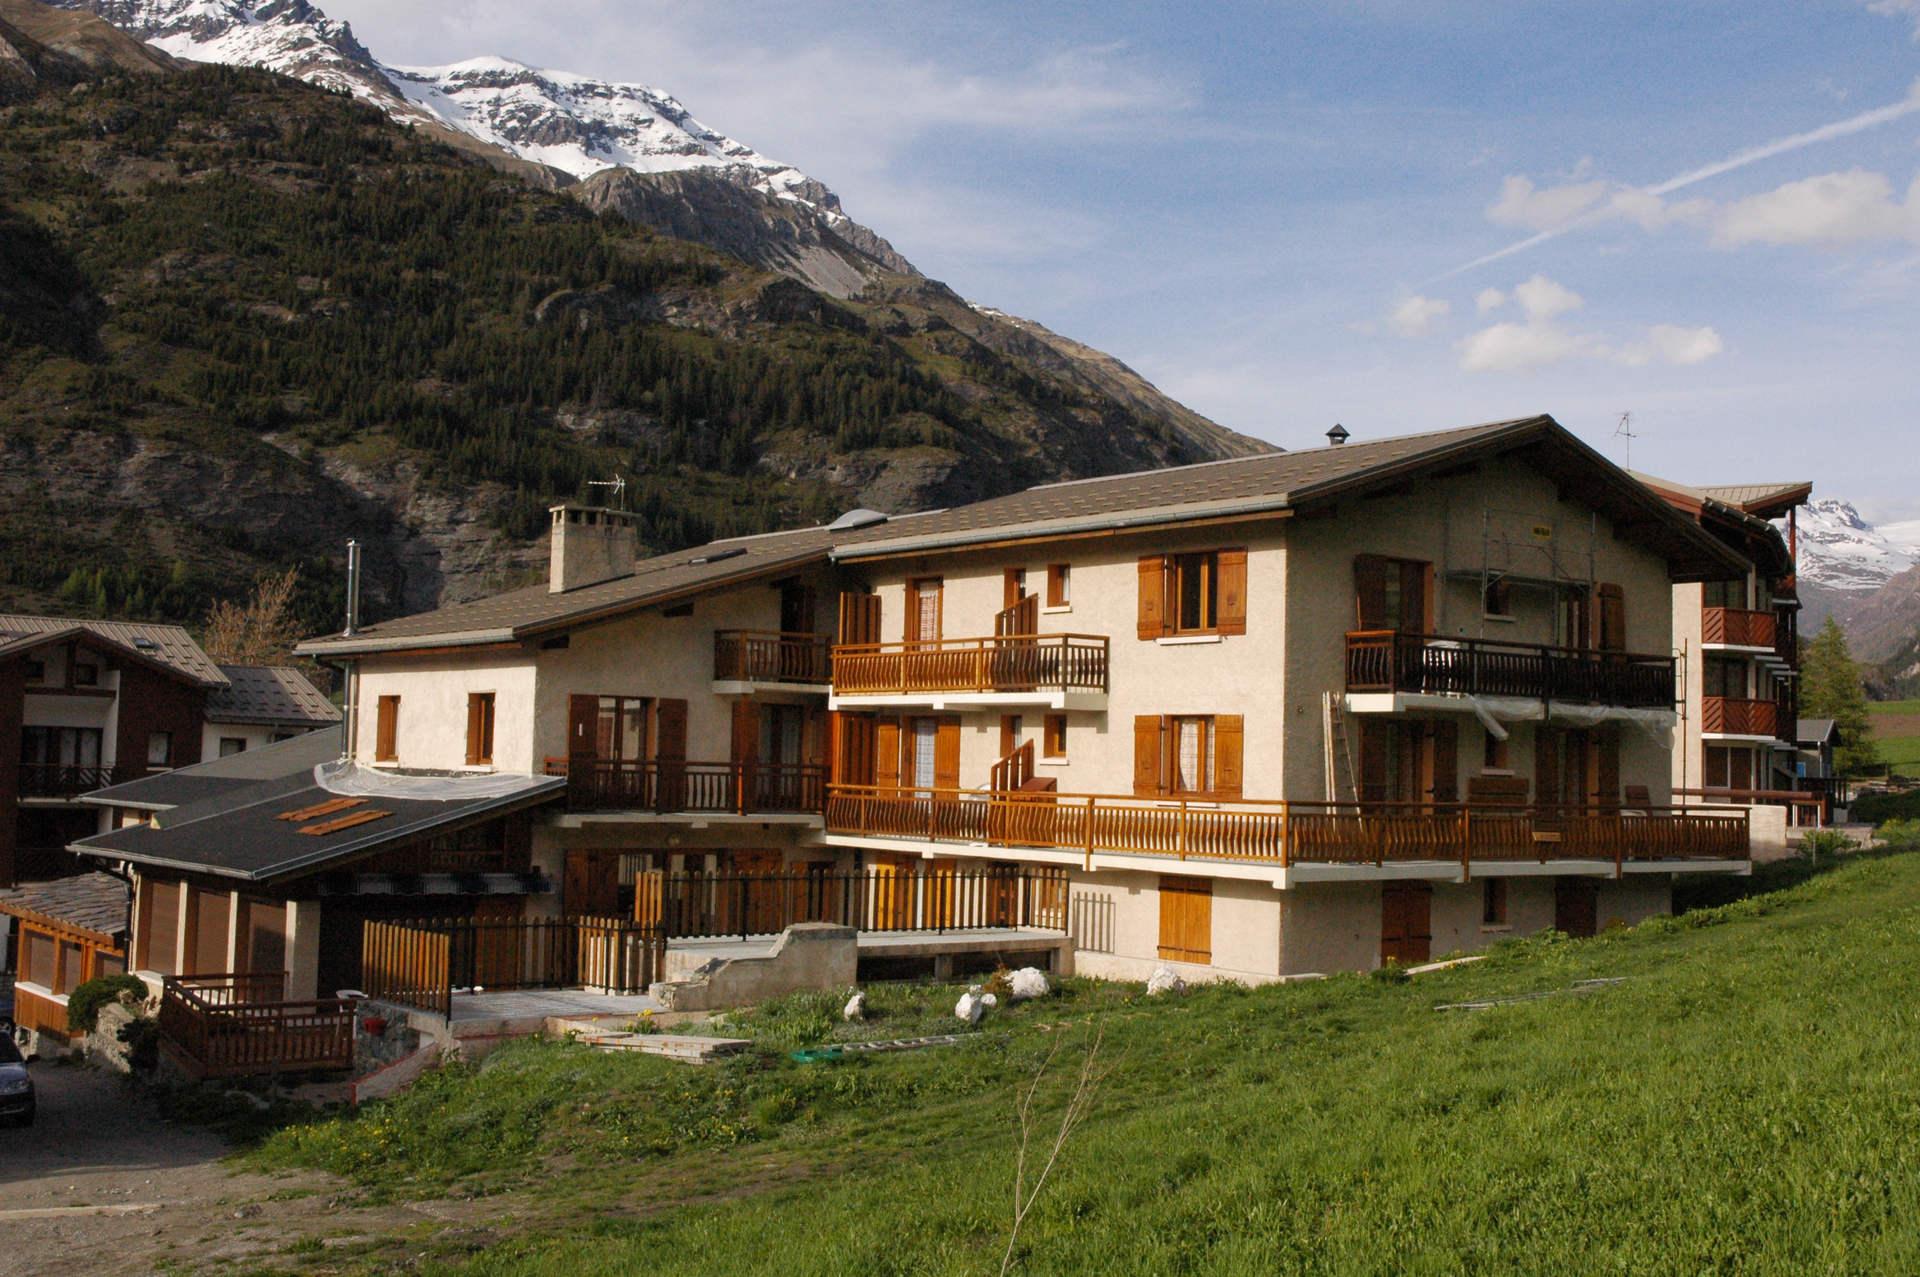 L appart pr charmant appart hotel londres 4 personnes luxe for Appart hotel la maison des chercheurs